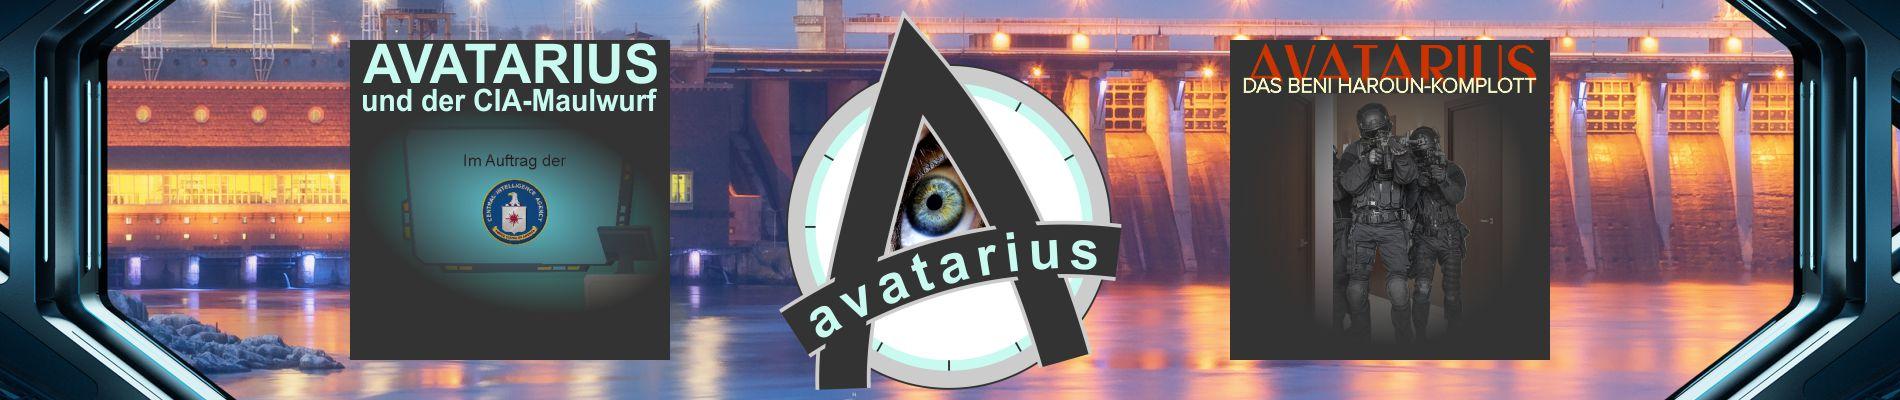 avatarius